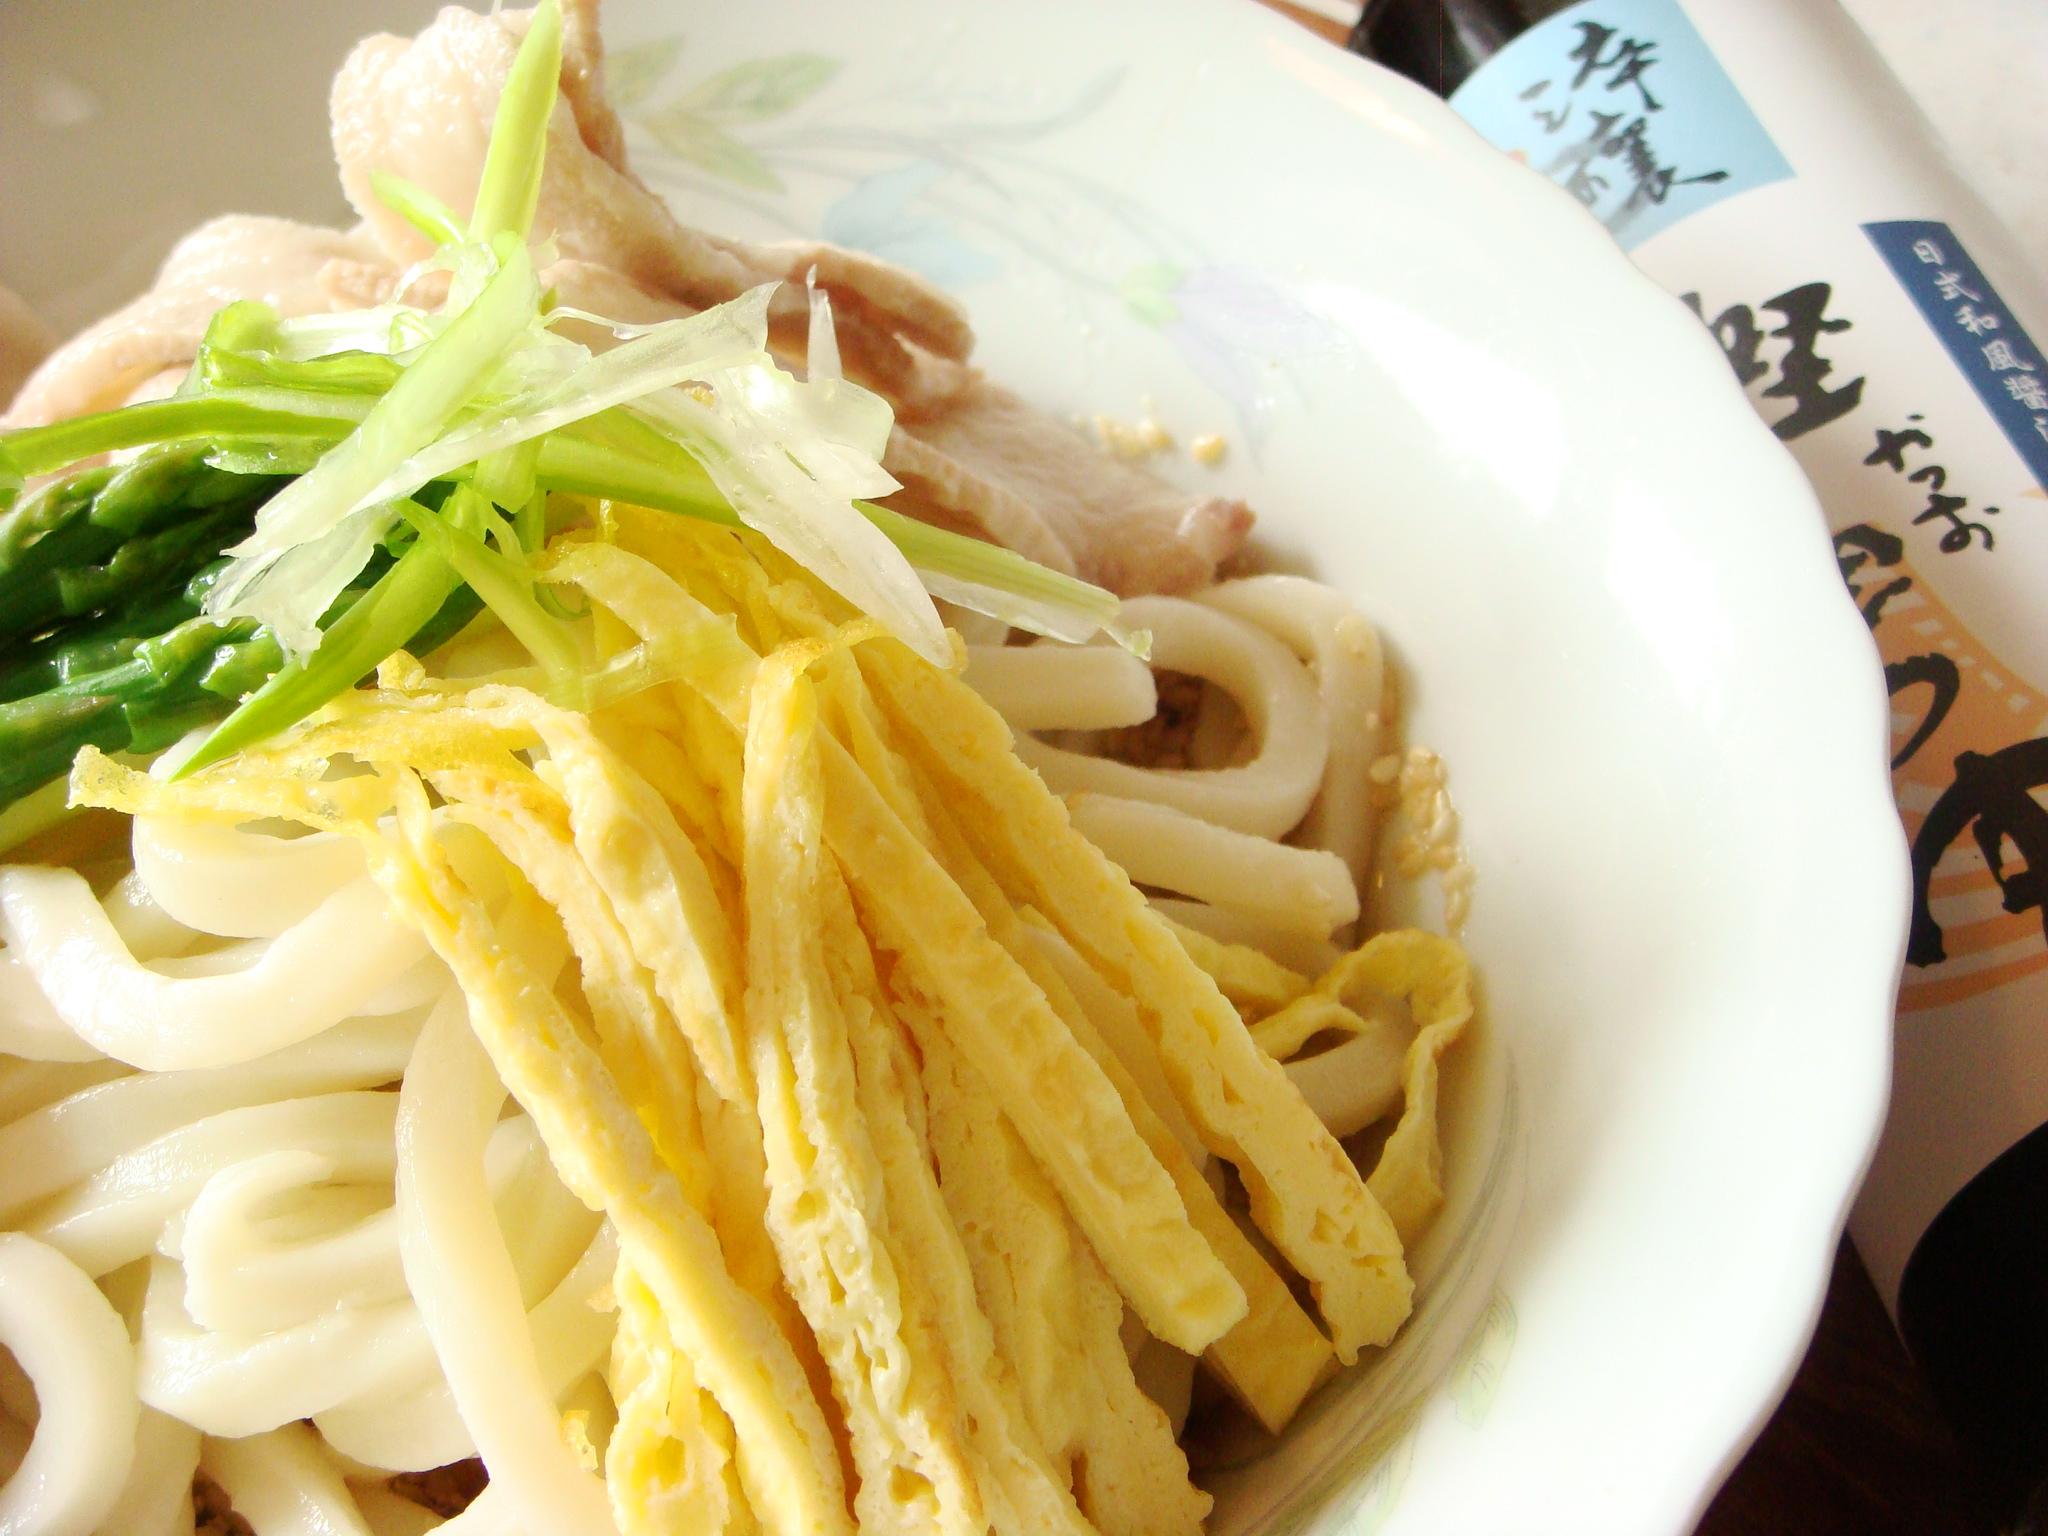 烏龍冷麵-『淬釀日式下午茶點』